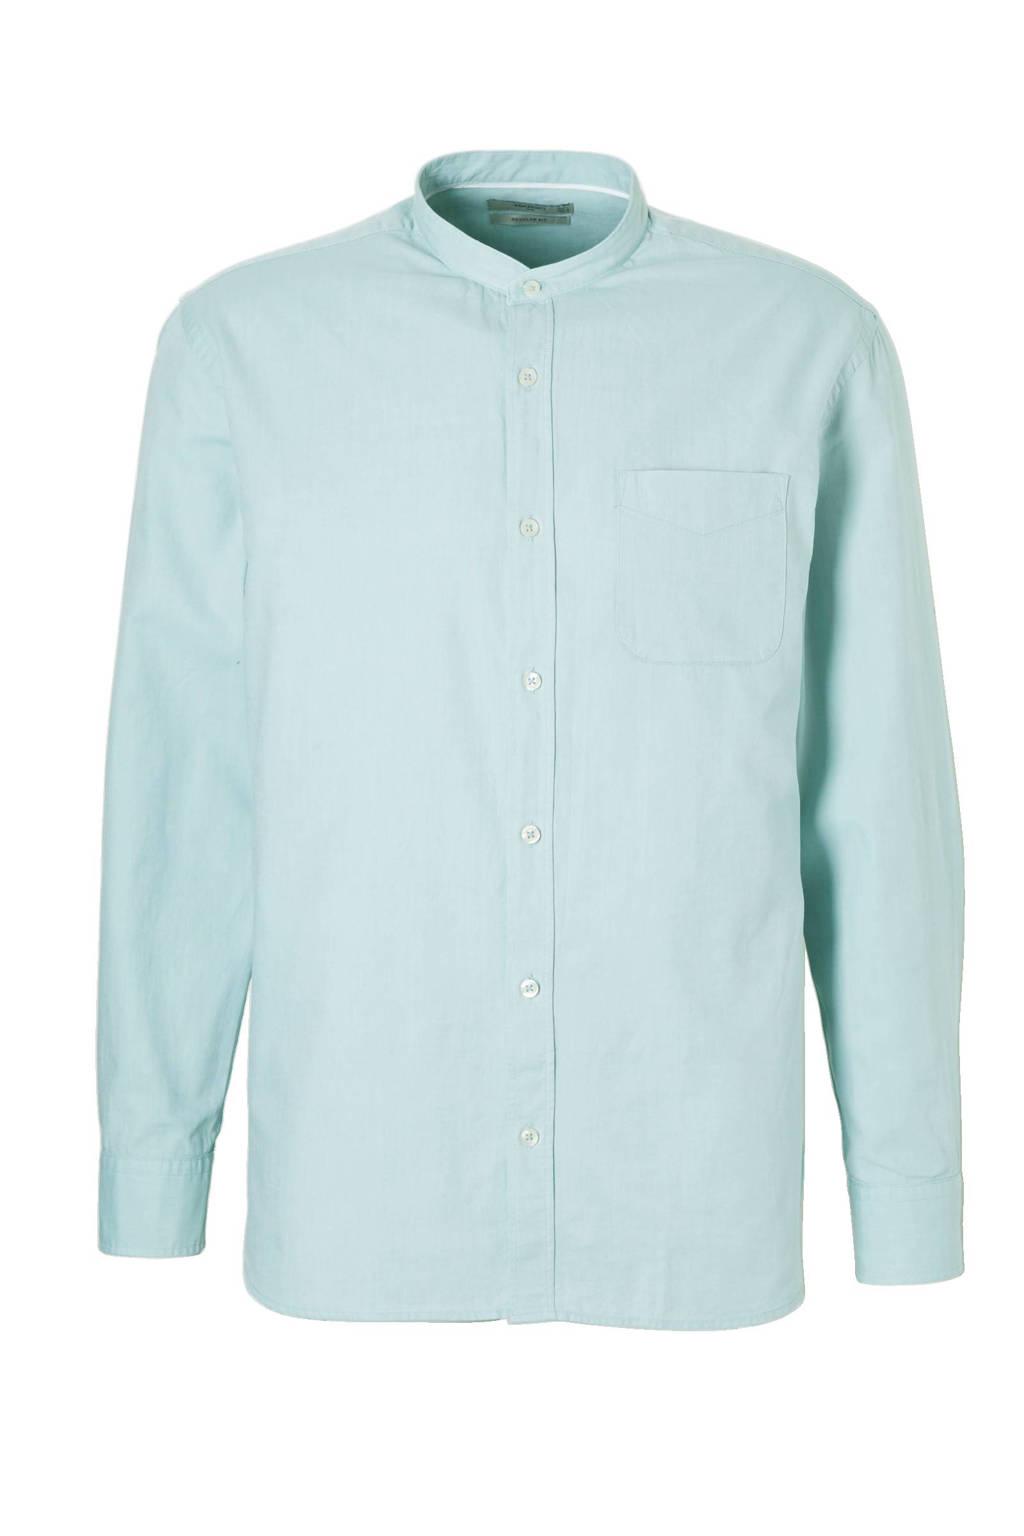 Mintgroen Heren Overhemd.Mango Man Regular Fit Overhemd Mintgroen Wehkamp